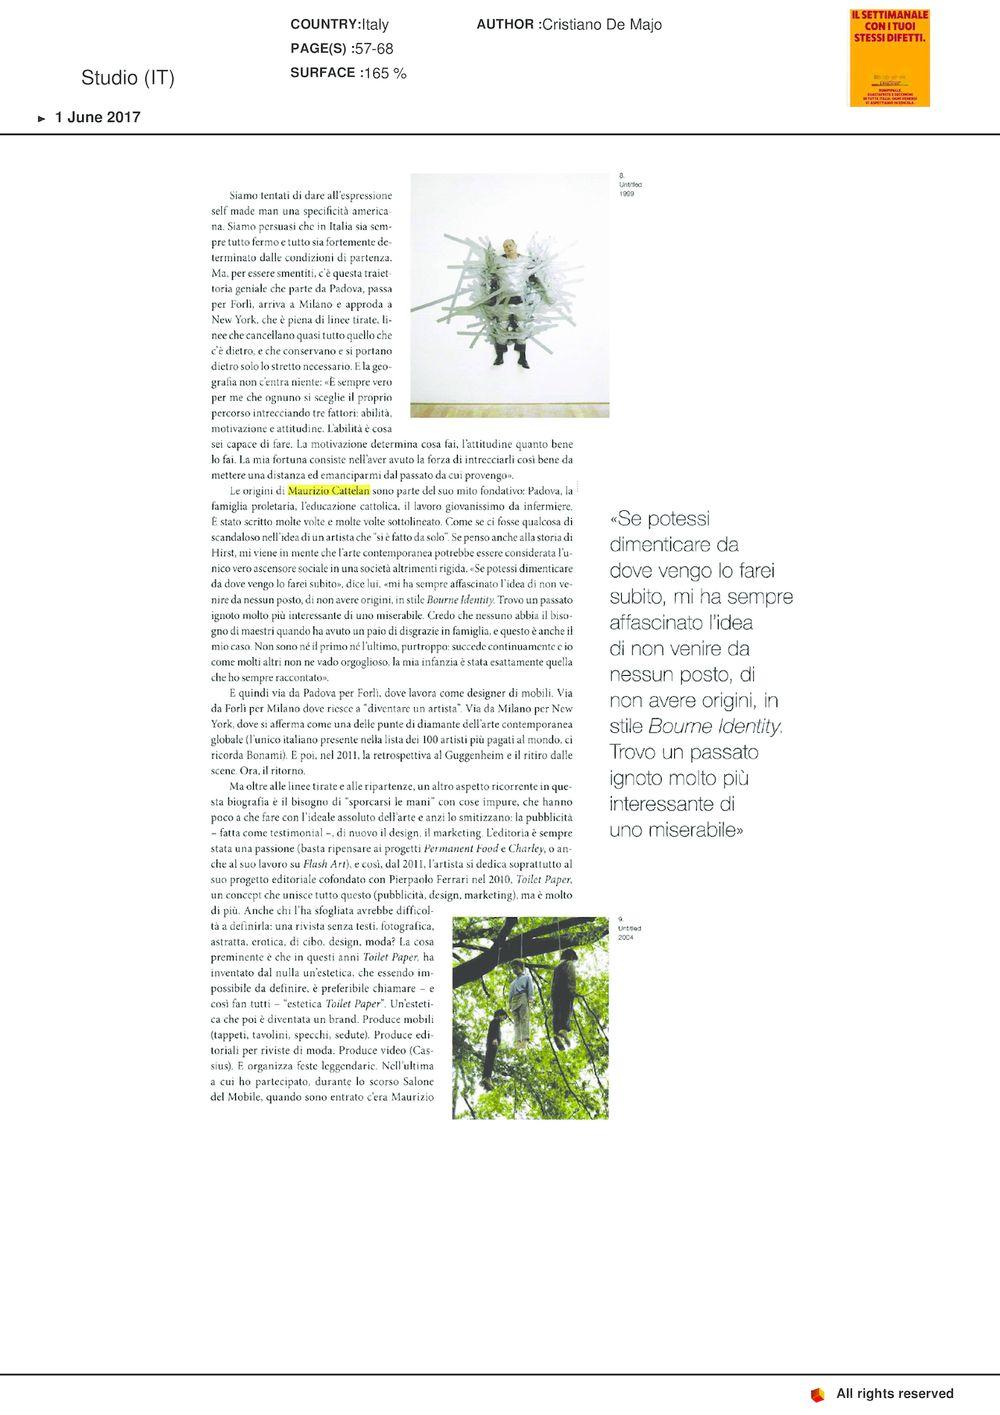 STUDIO | Maurizio CATTELAN